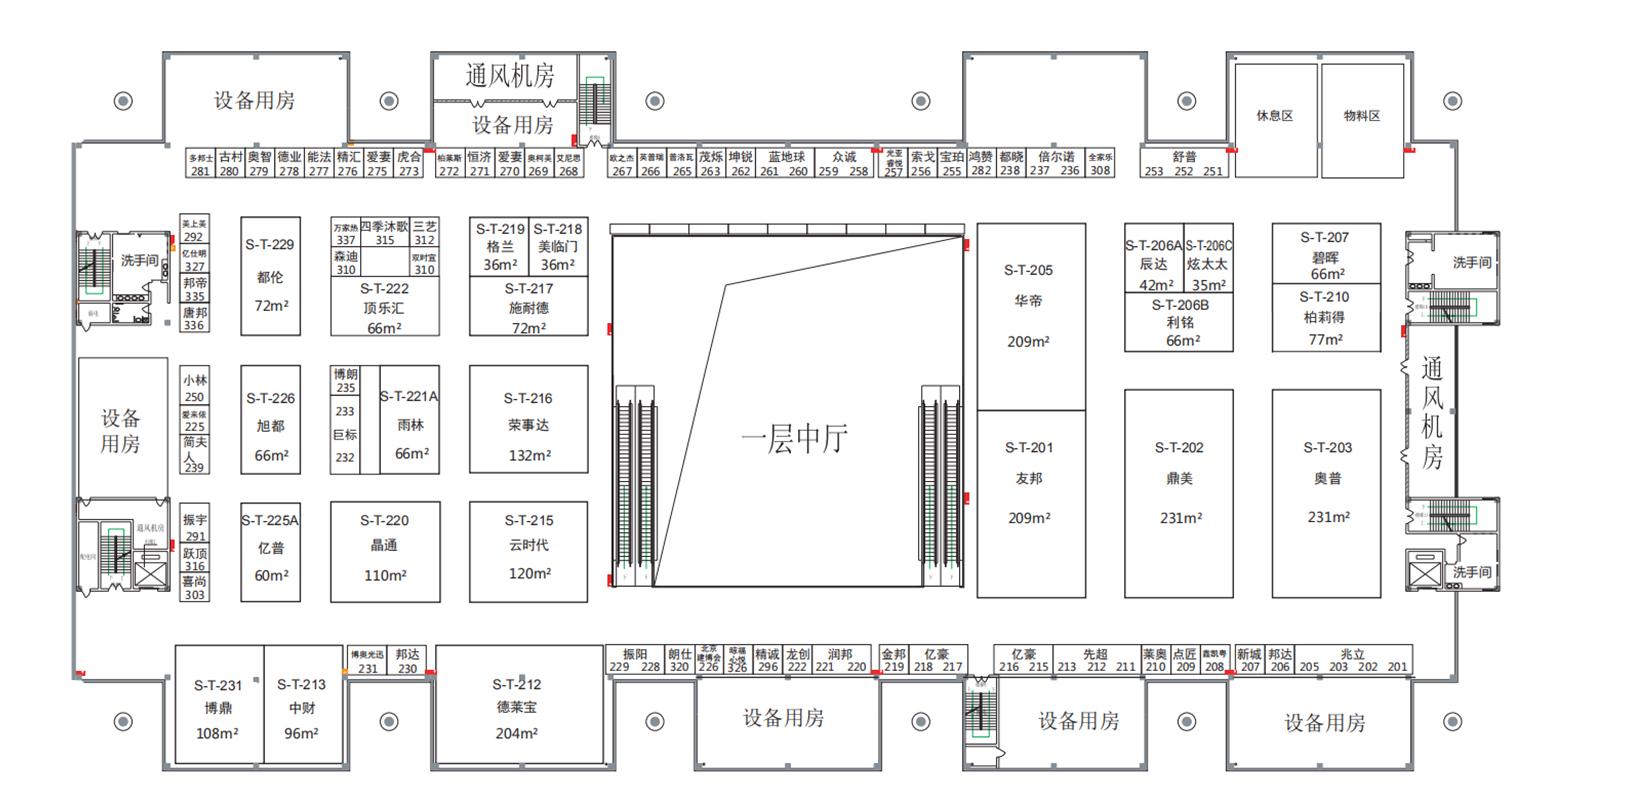 吊顶展 室内2F馆平面图